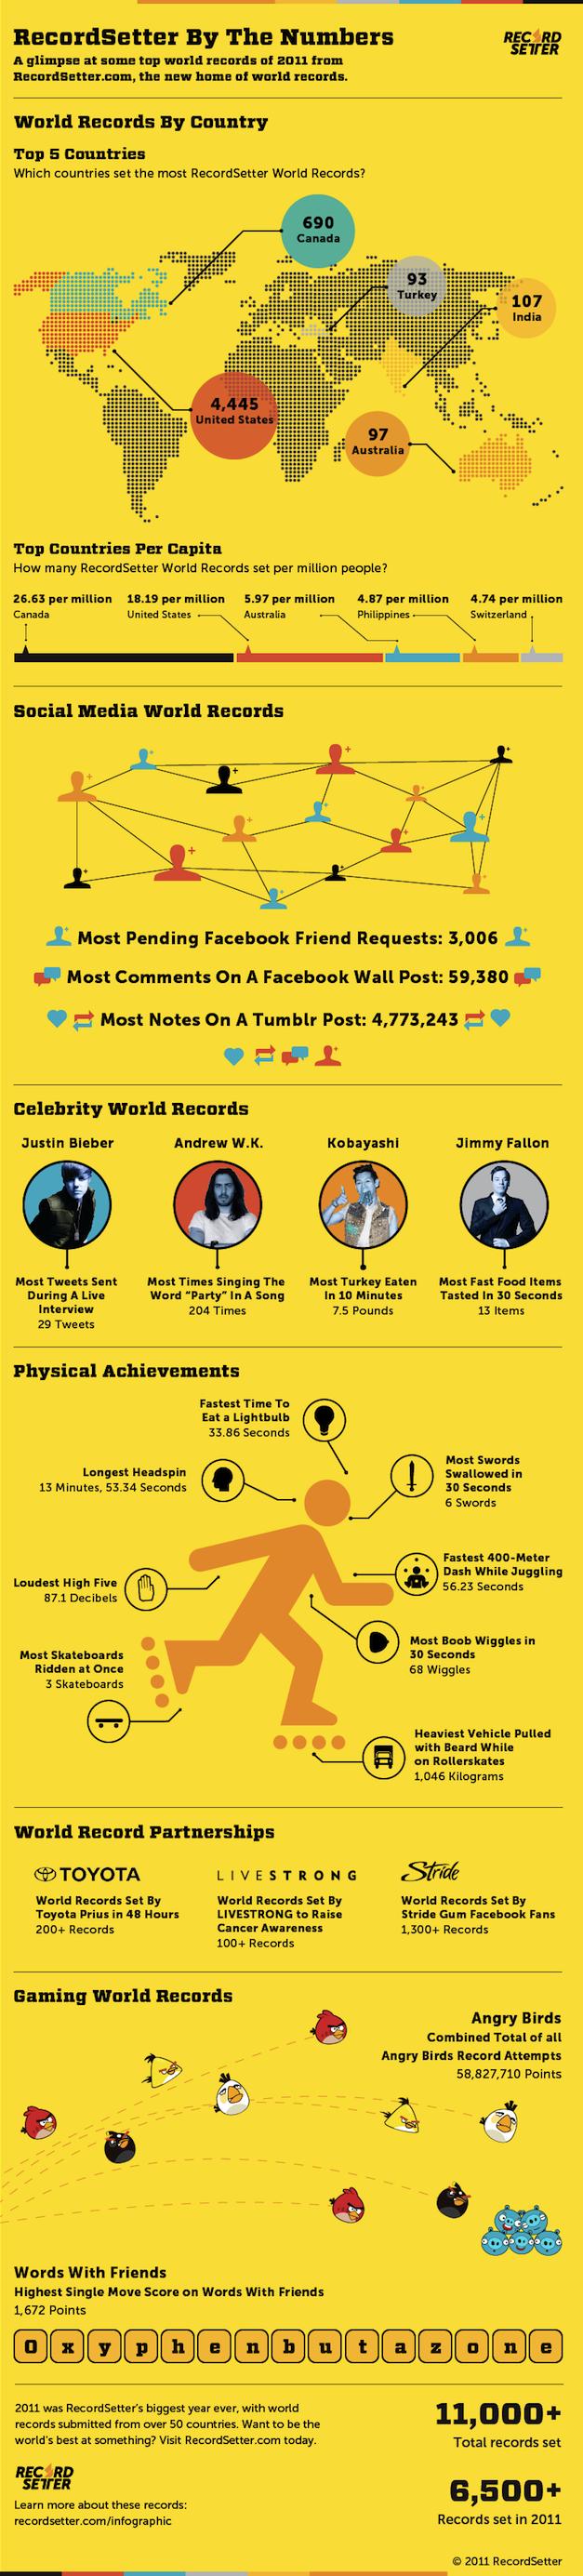 Des records du monde pour les médias sociaux en 2011